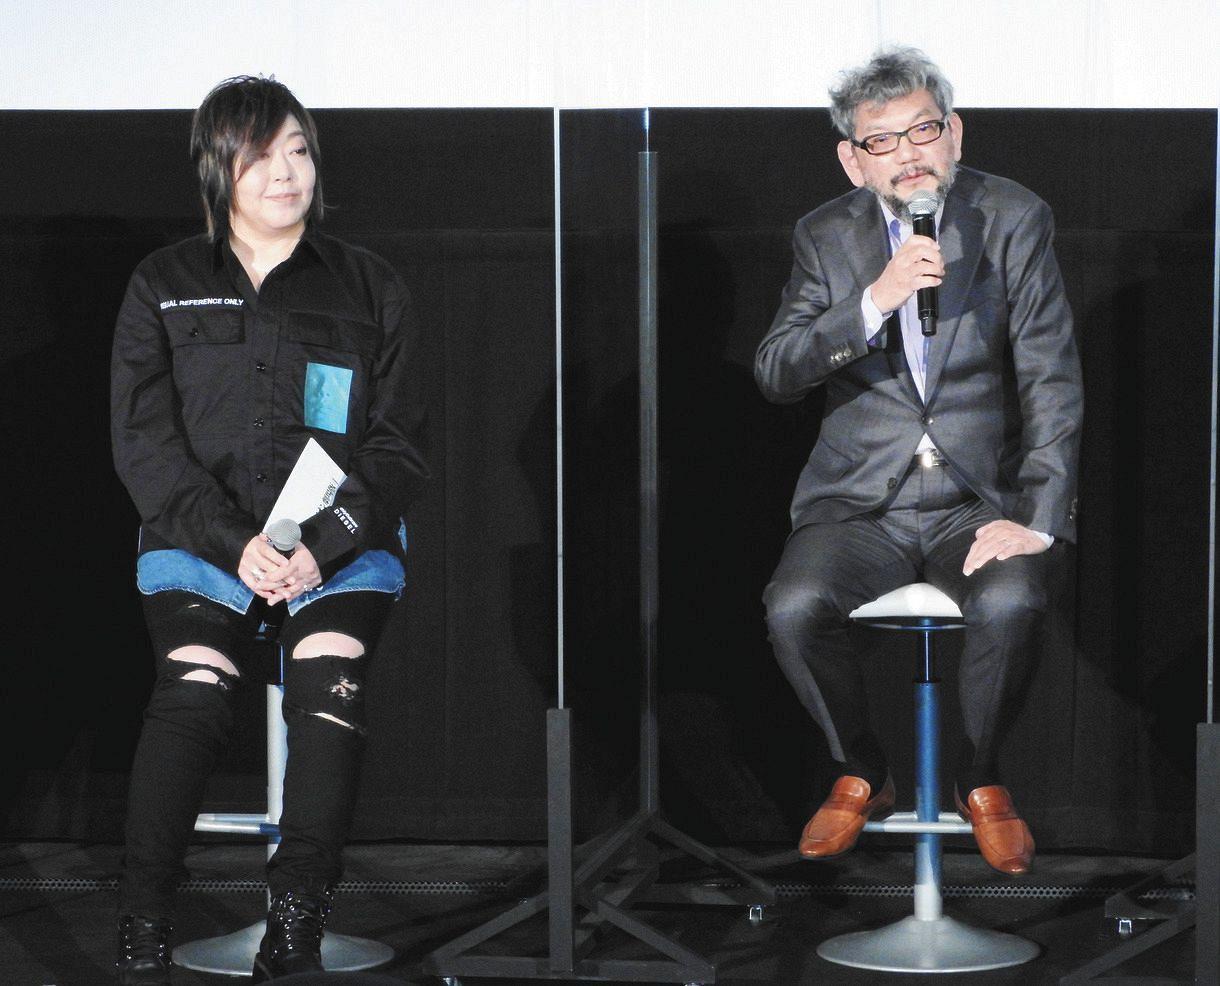 【朗報】衝撃の事実発覚!緒方恵美もビックリ「エヴァンゲリオン」はロボットアニメだった